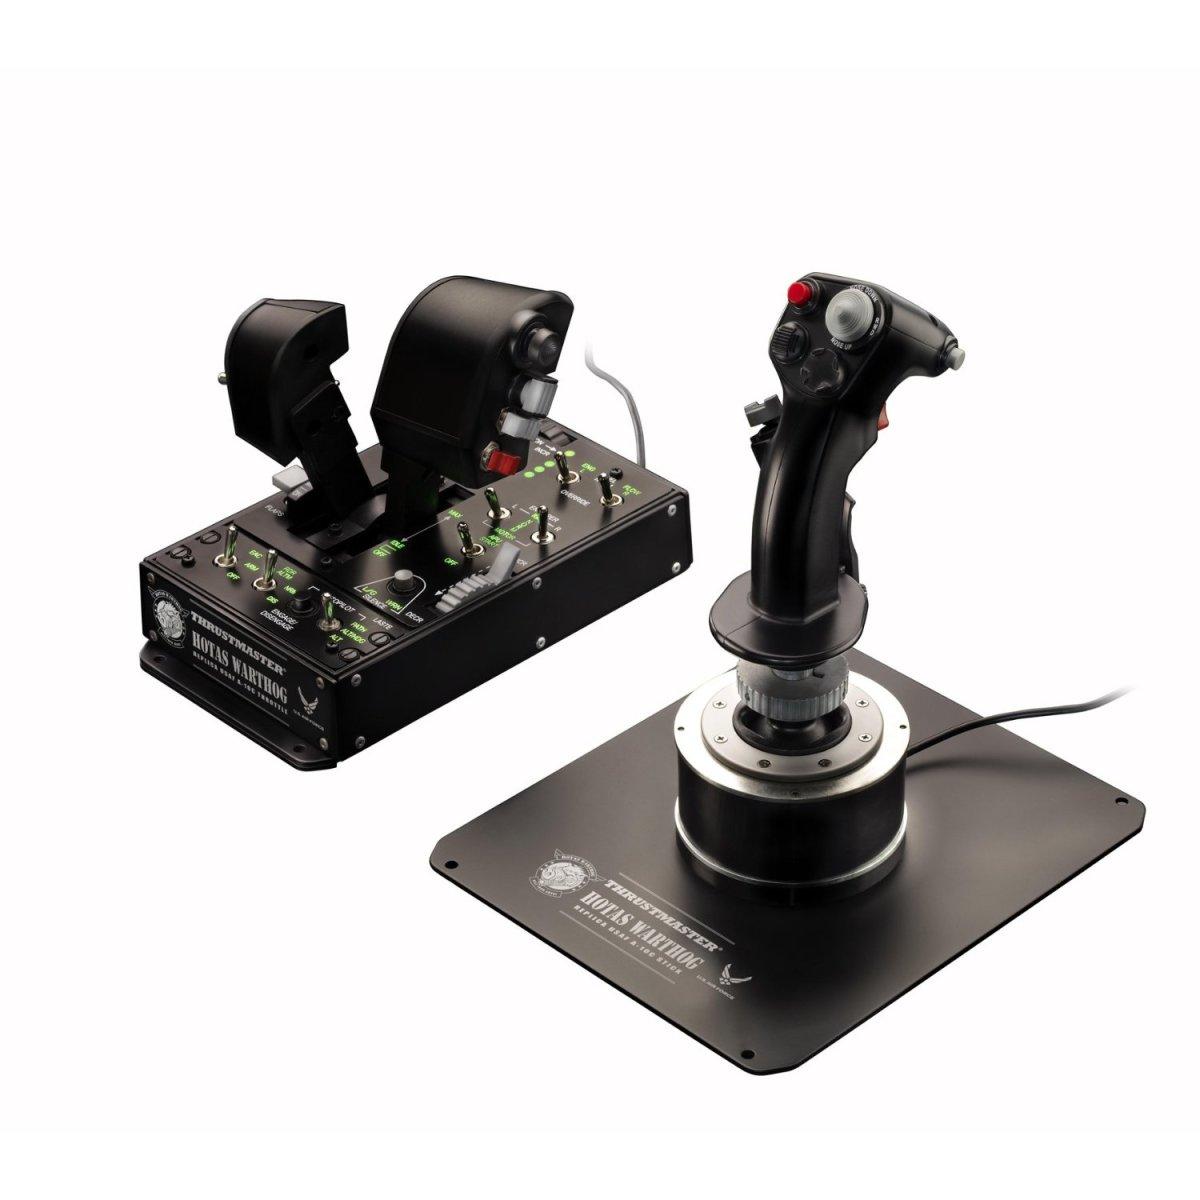 flight-simulation-joysticks-and-hotas-reviews